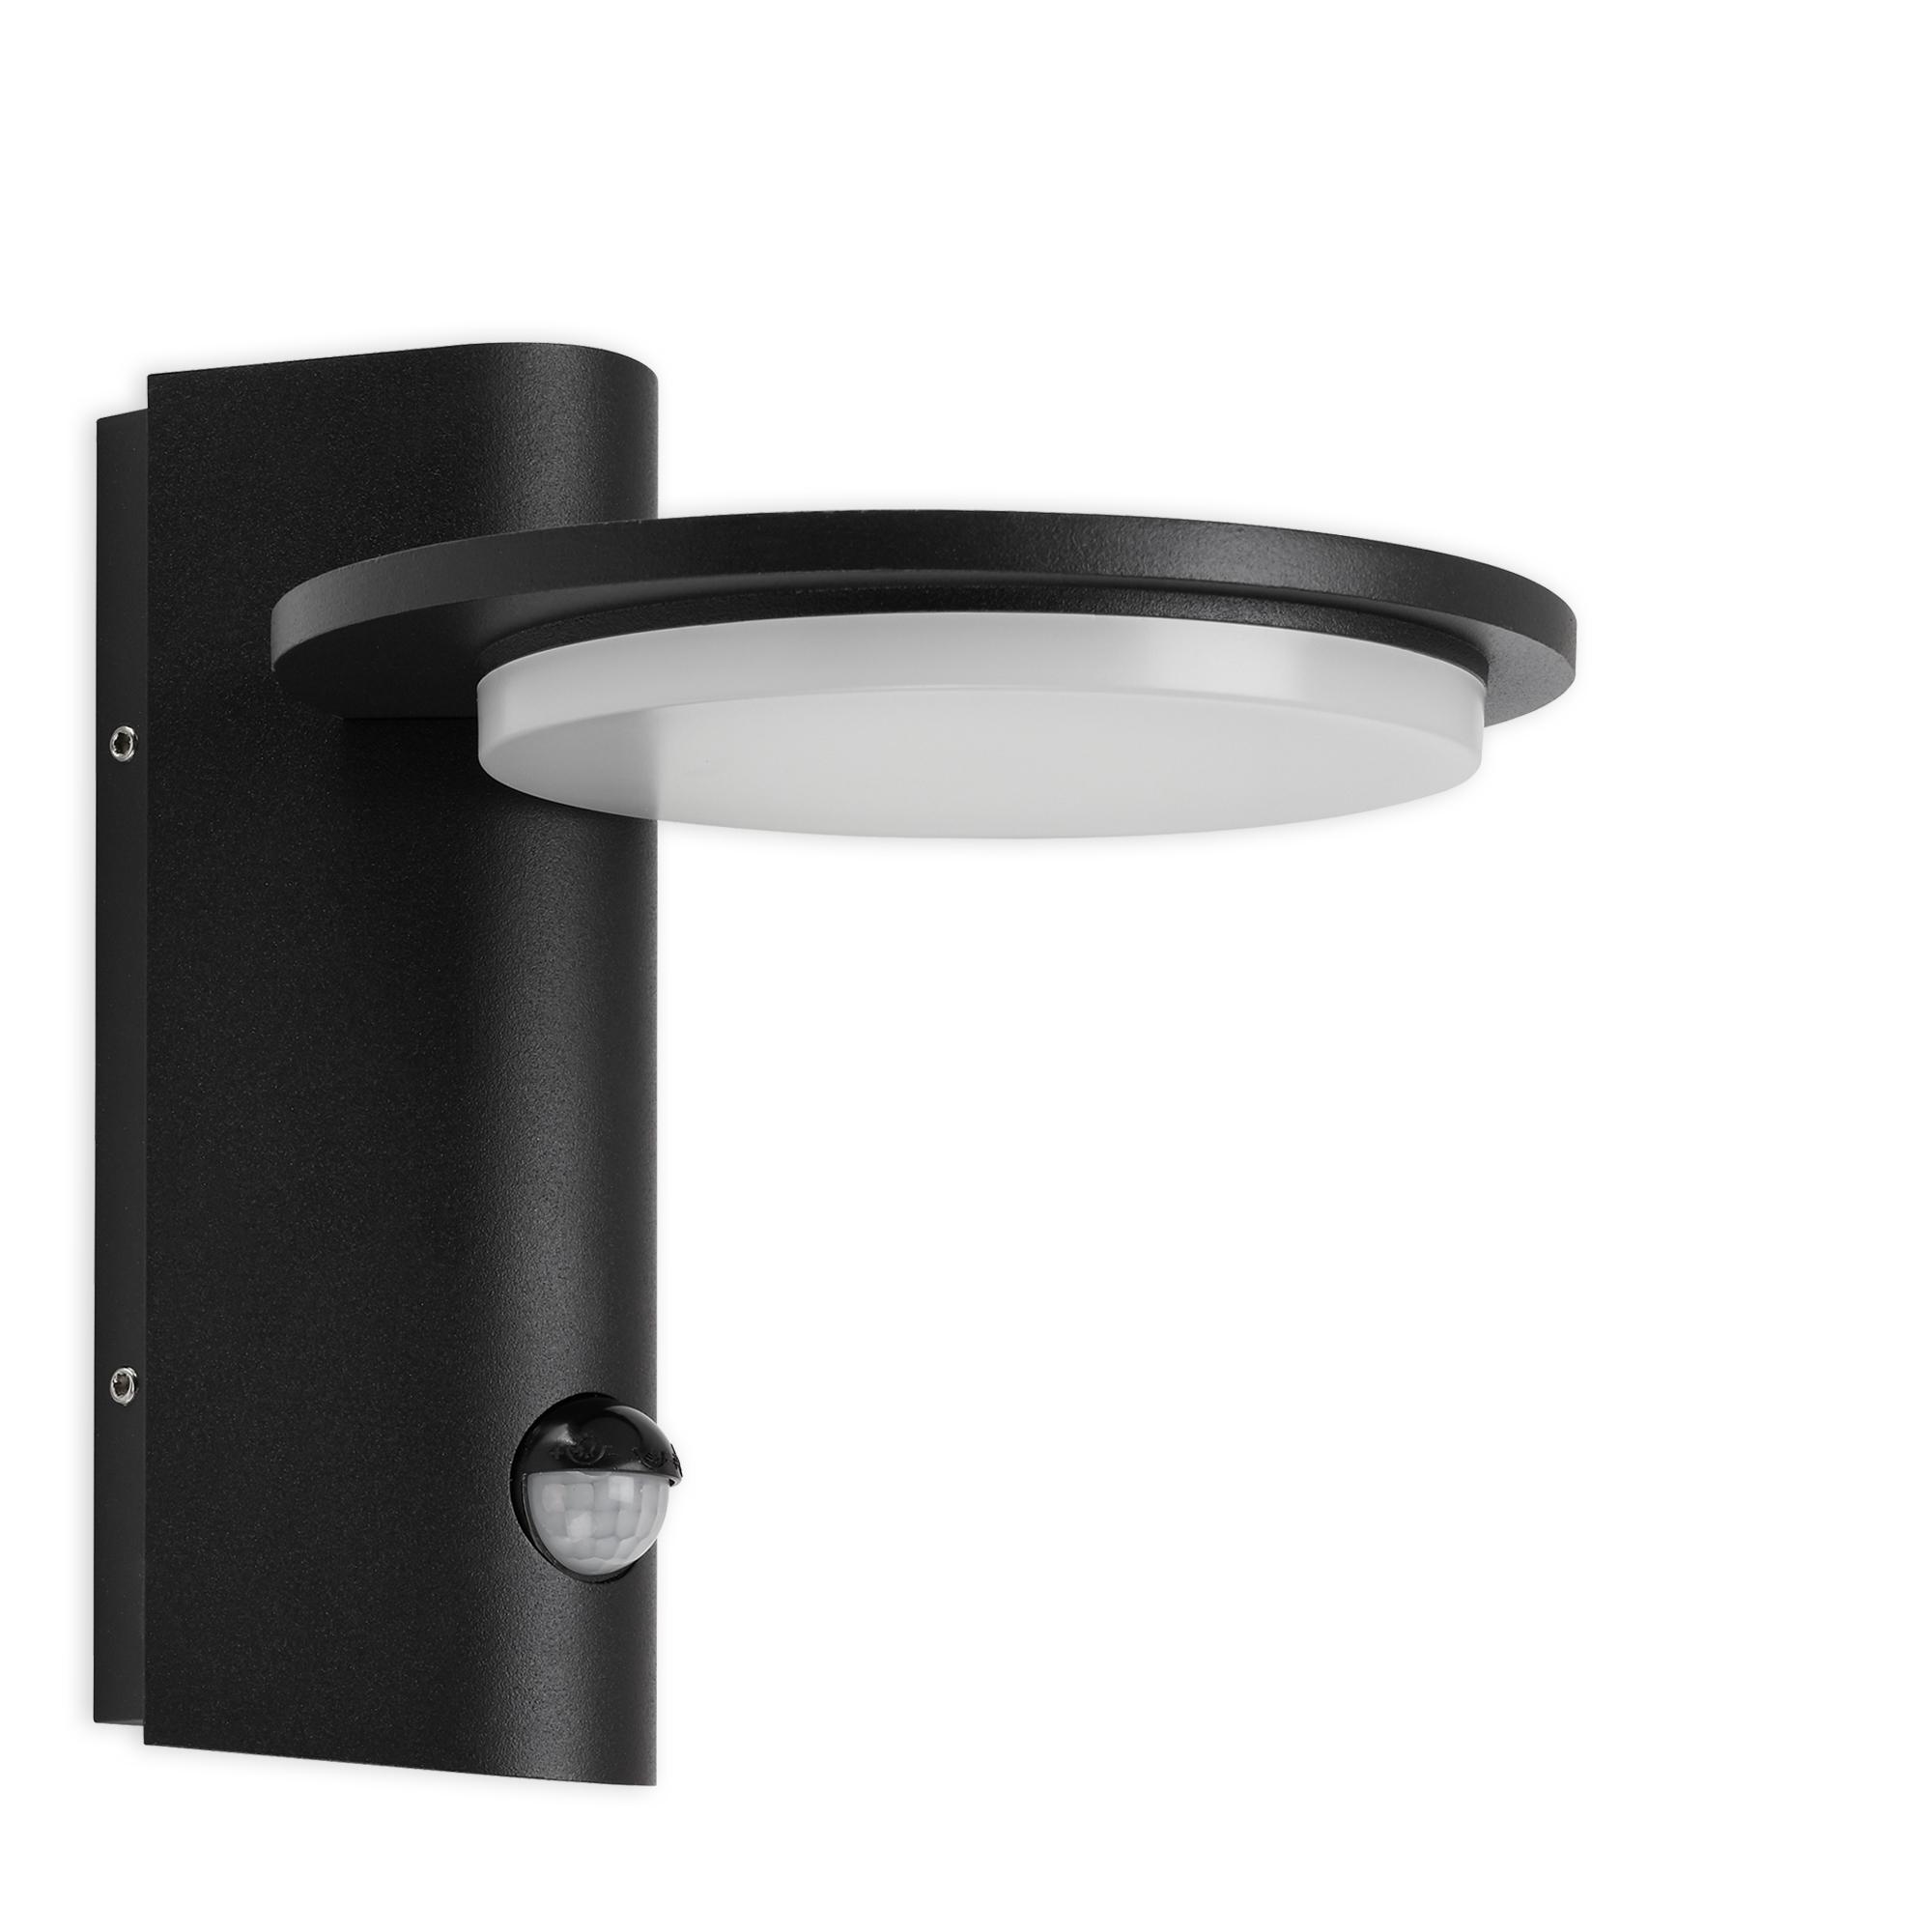 TELEFUNKEN LED Außenwandleuchte, 18 cm, 10 W, Schwarz